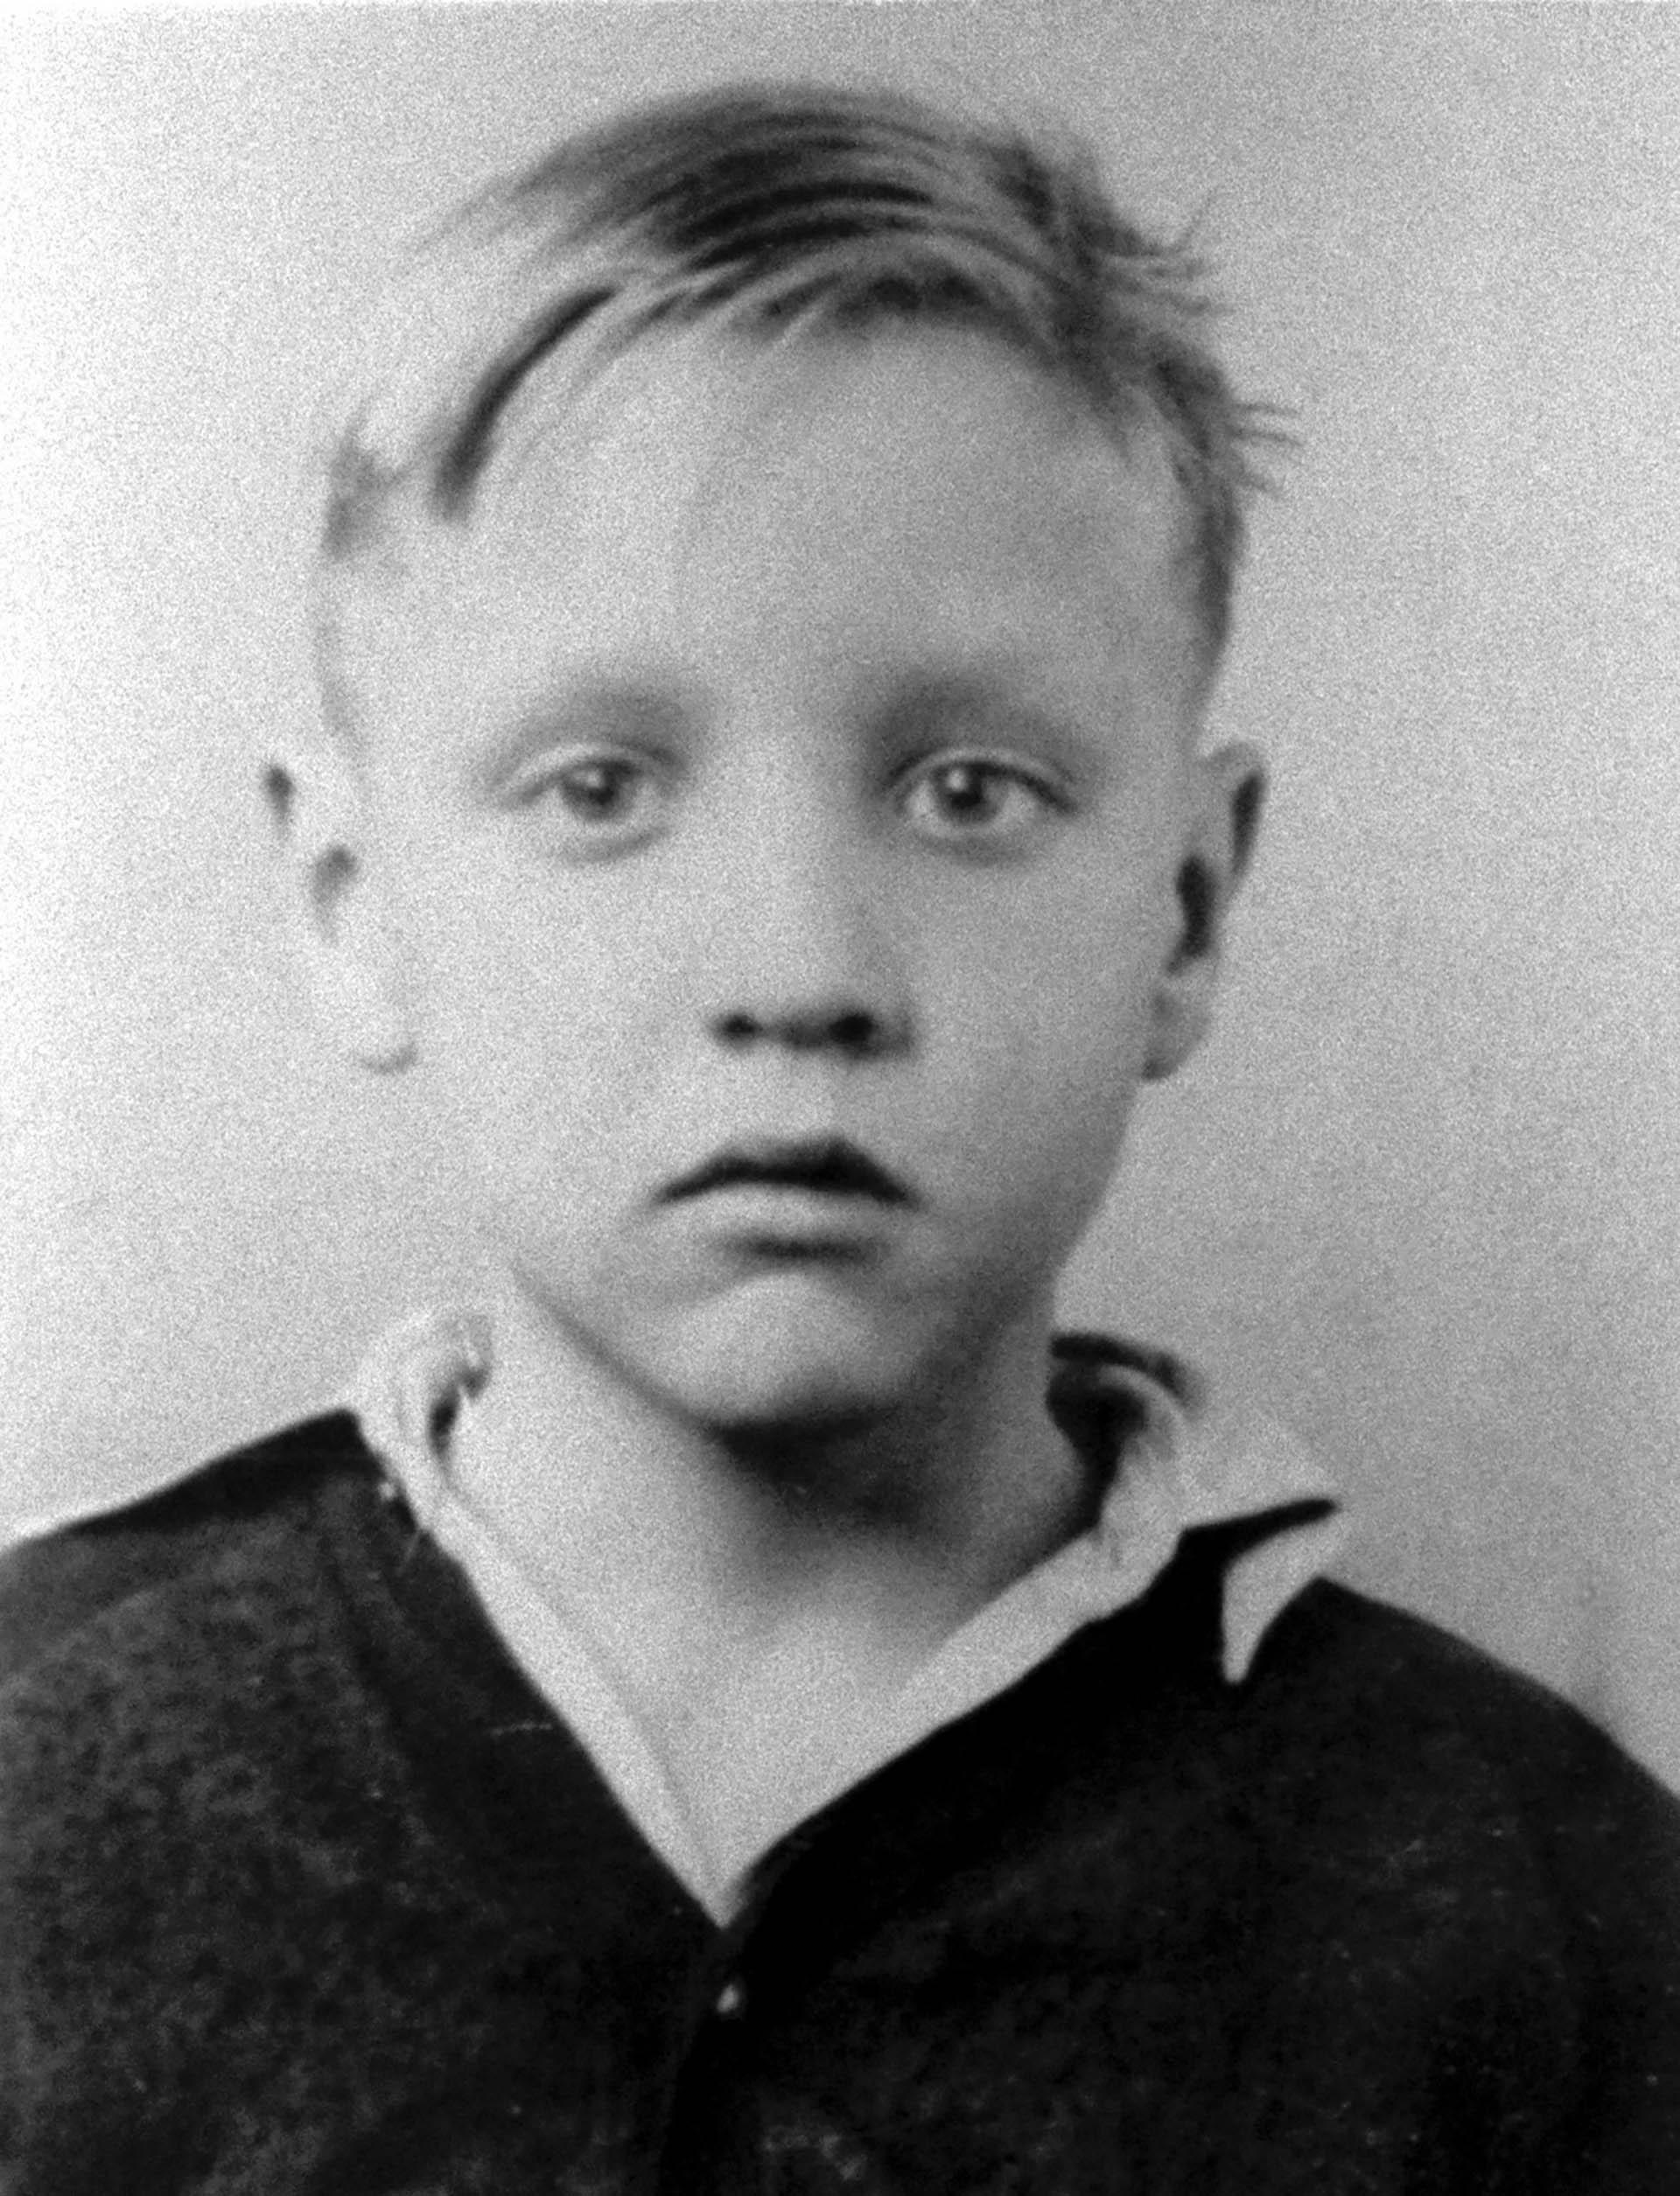 Ele nasceu em 8 de janeiro de 1935 em Tupelo, Estados Unidos.  Desde criança ele sabia que sua paixão era música